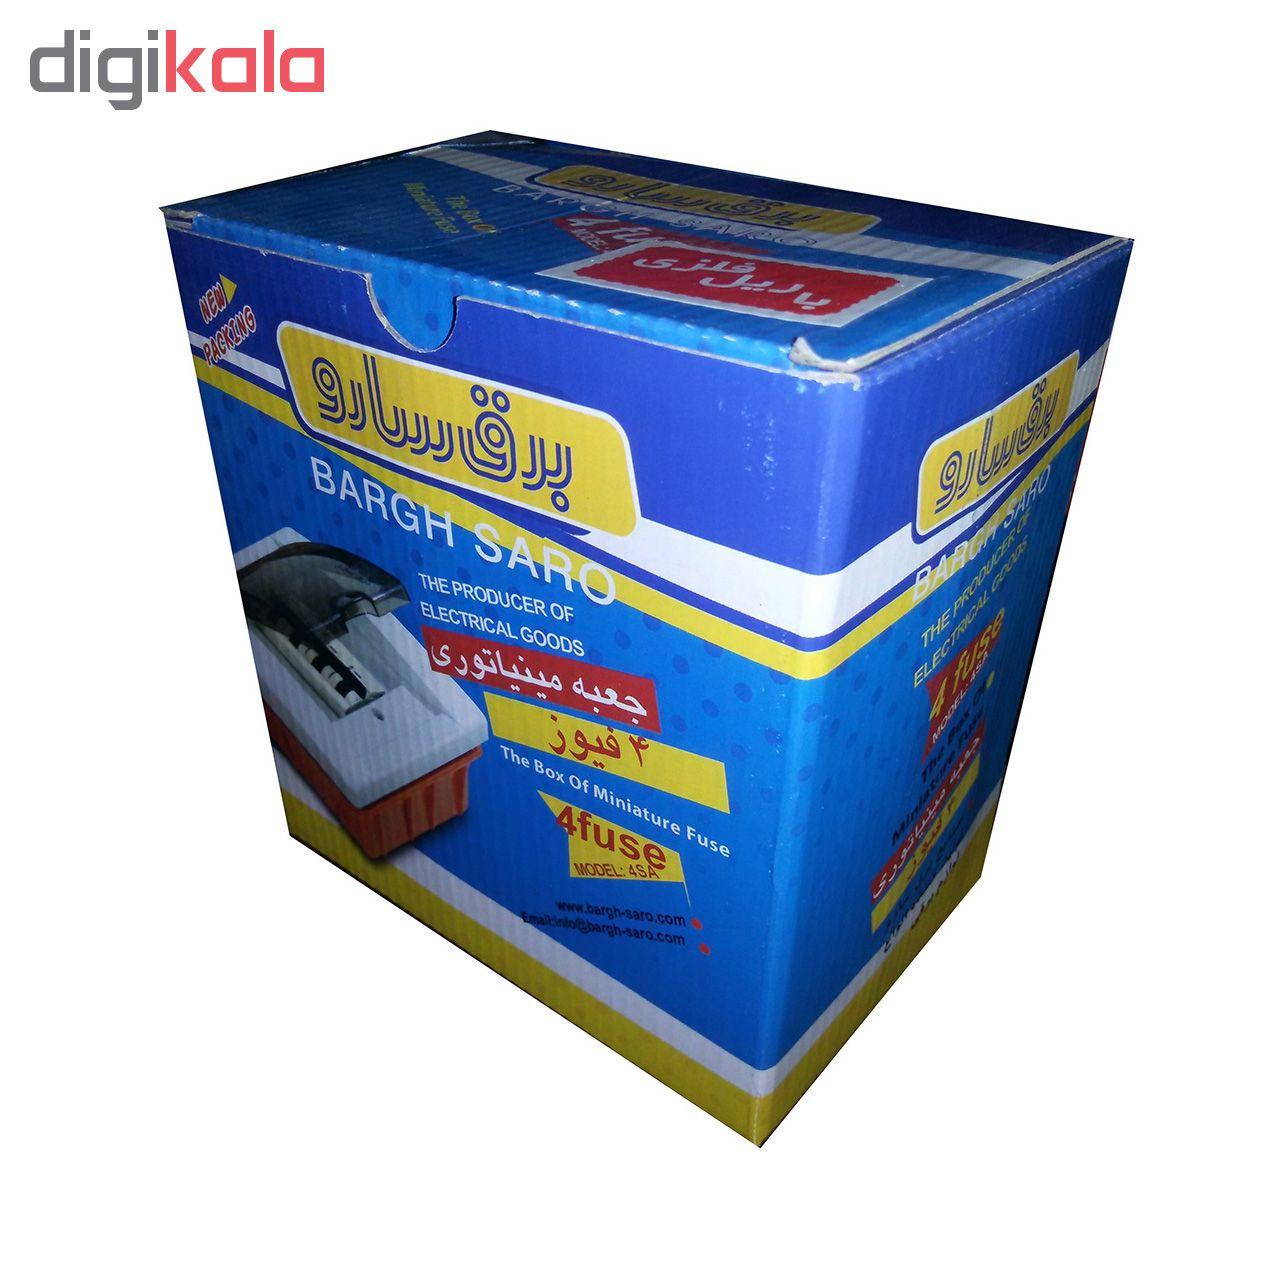 جعبه فیوز 4 عددی برق سارو مدل 1009 main 1 1